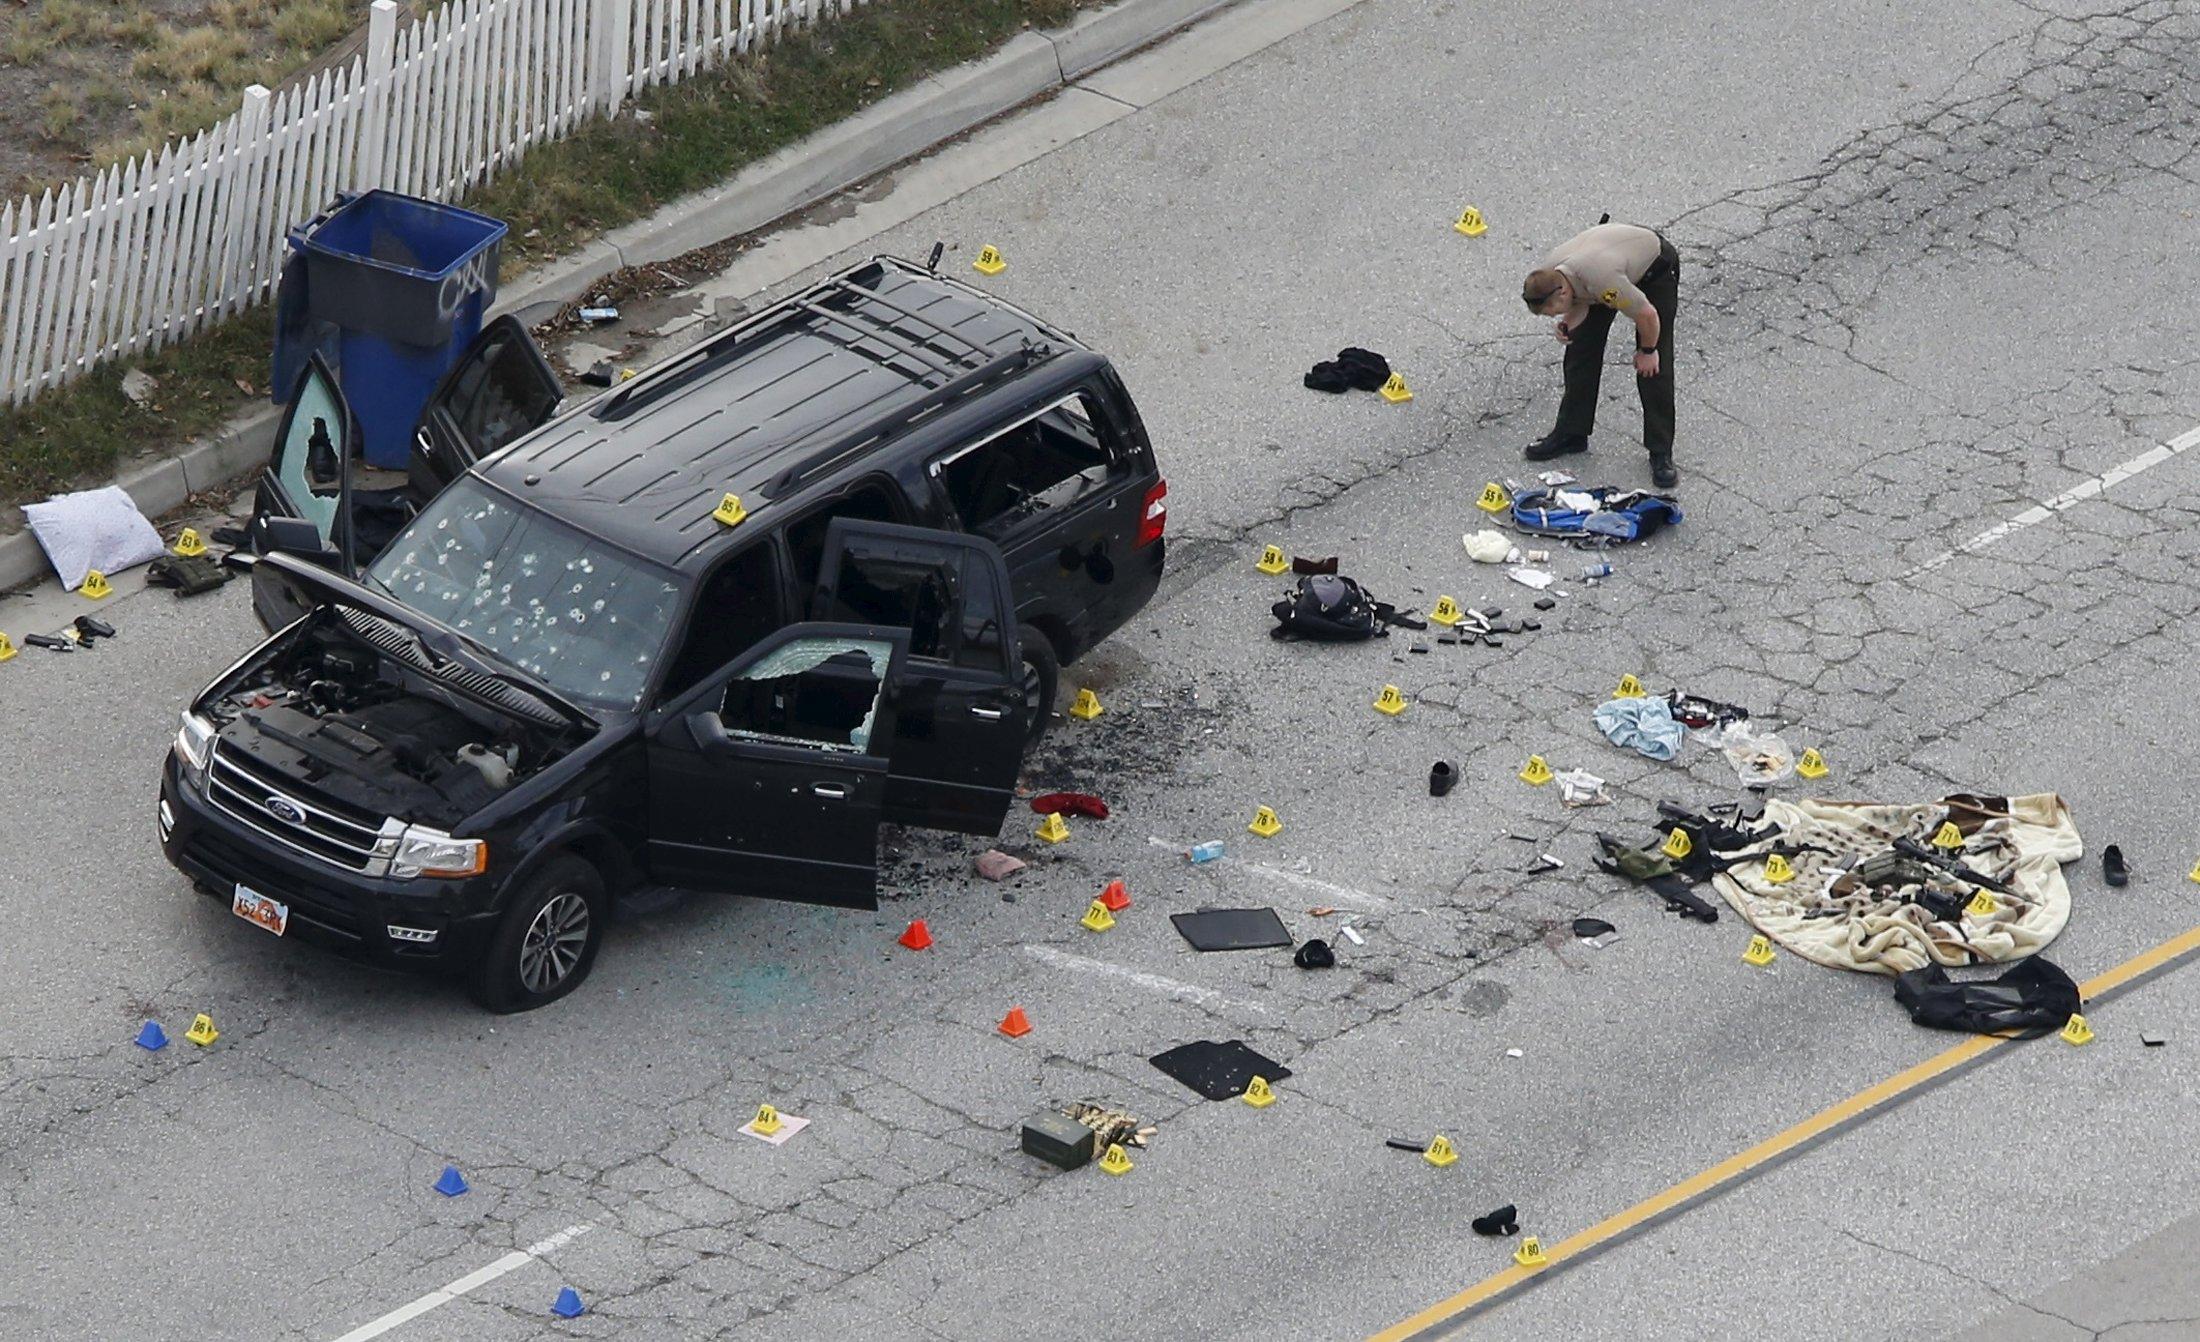 加州聖伯納汀諾殘障社福中心槍案,槍手法魯克的車輛被警方擊中多處,車窗破損,並搜出 槍枝。 (路透)